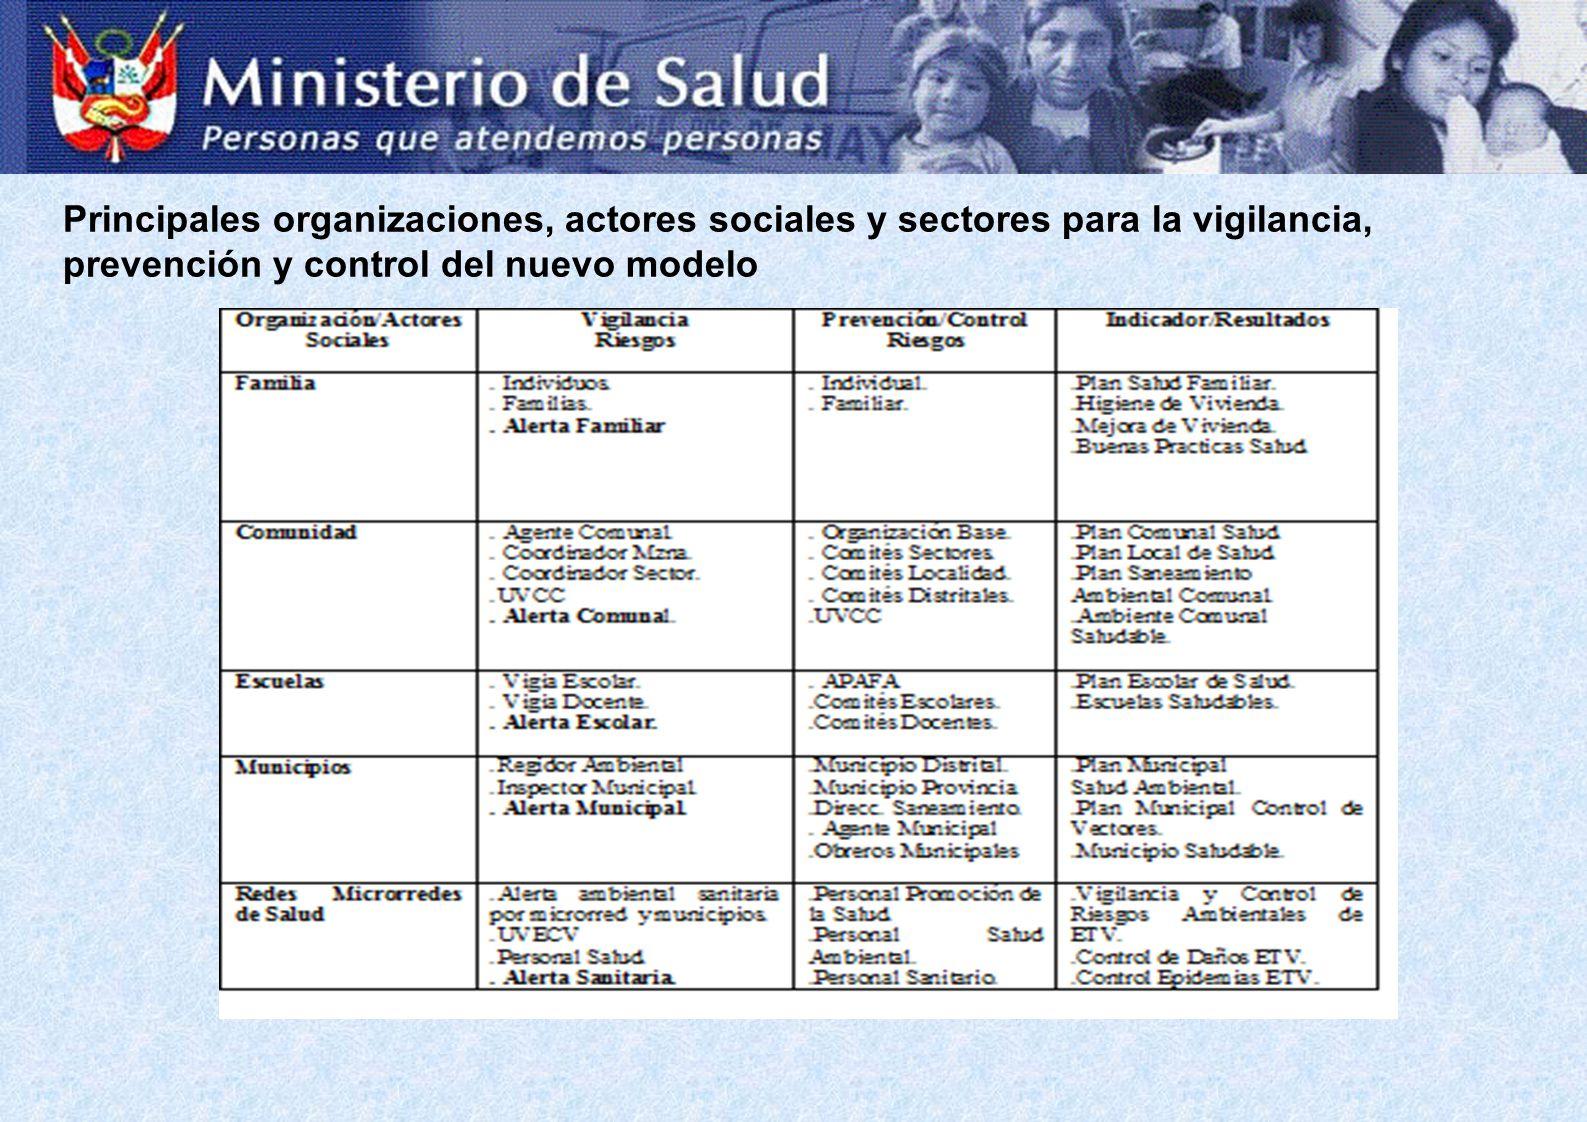 Principales organizaciones, actores sociales y sectores para la vigilancia, prevención y control del nuevo modelo